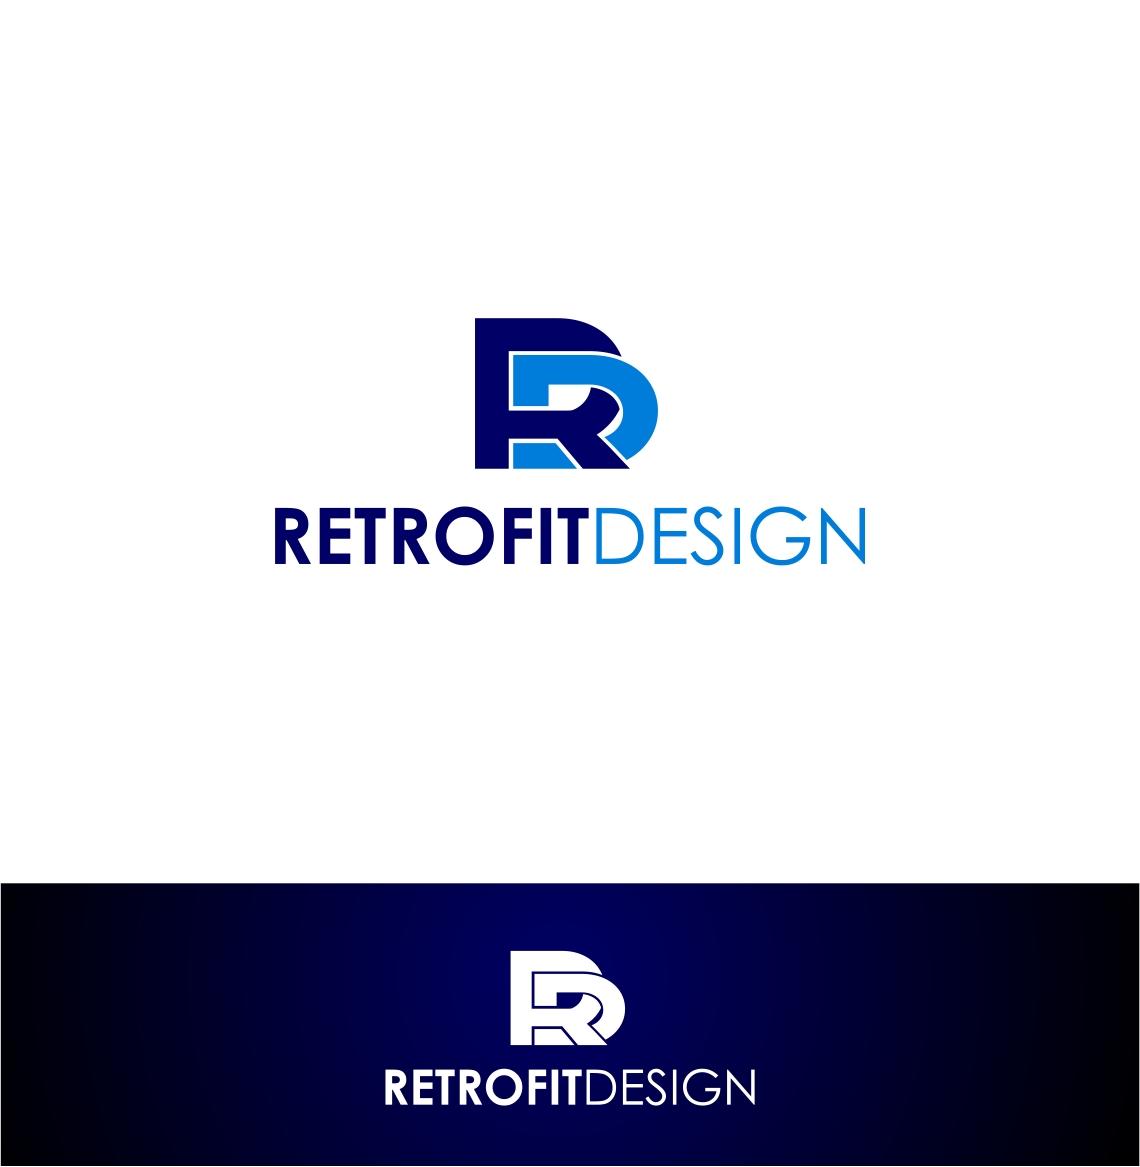 Logo Design by haidu - Entry No. 191 in the Logo Design Contest Inspiring Logo Design for retrofit design.